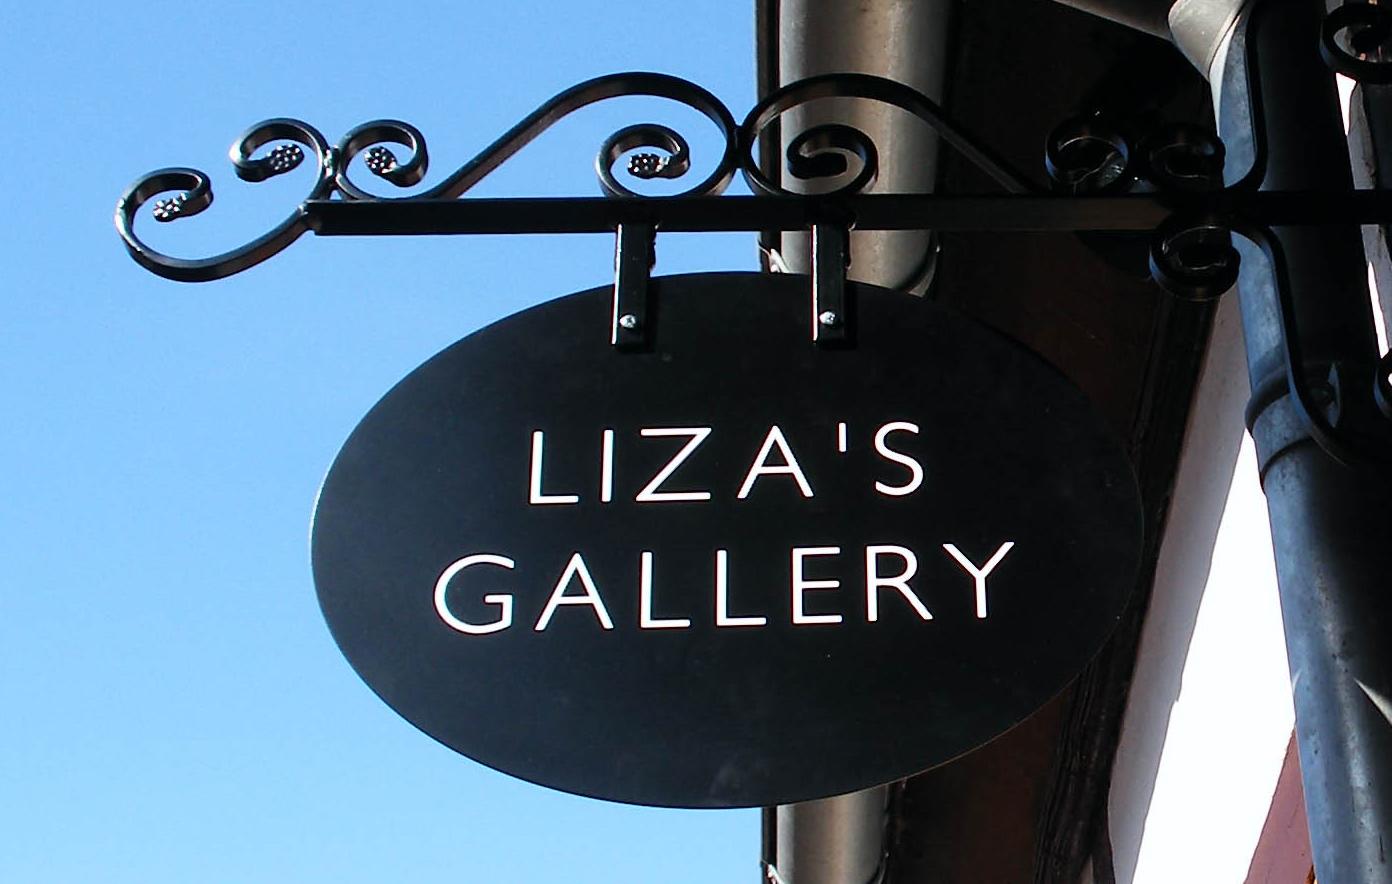 Liza´s Gallery sign bagside crop.jpg